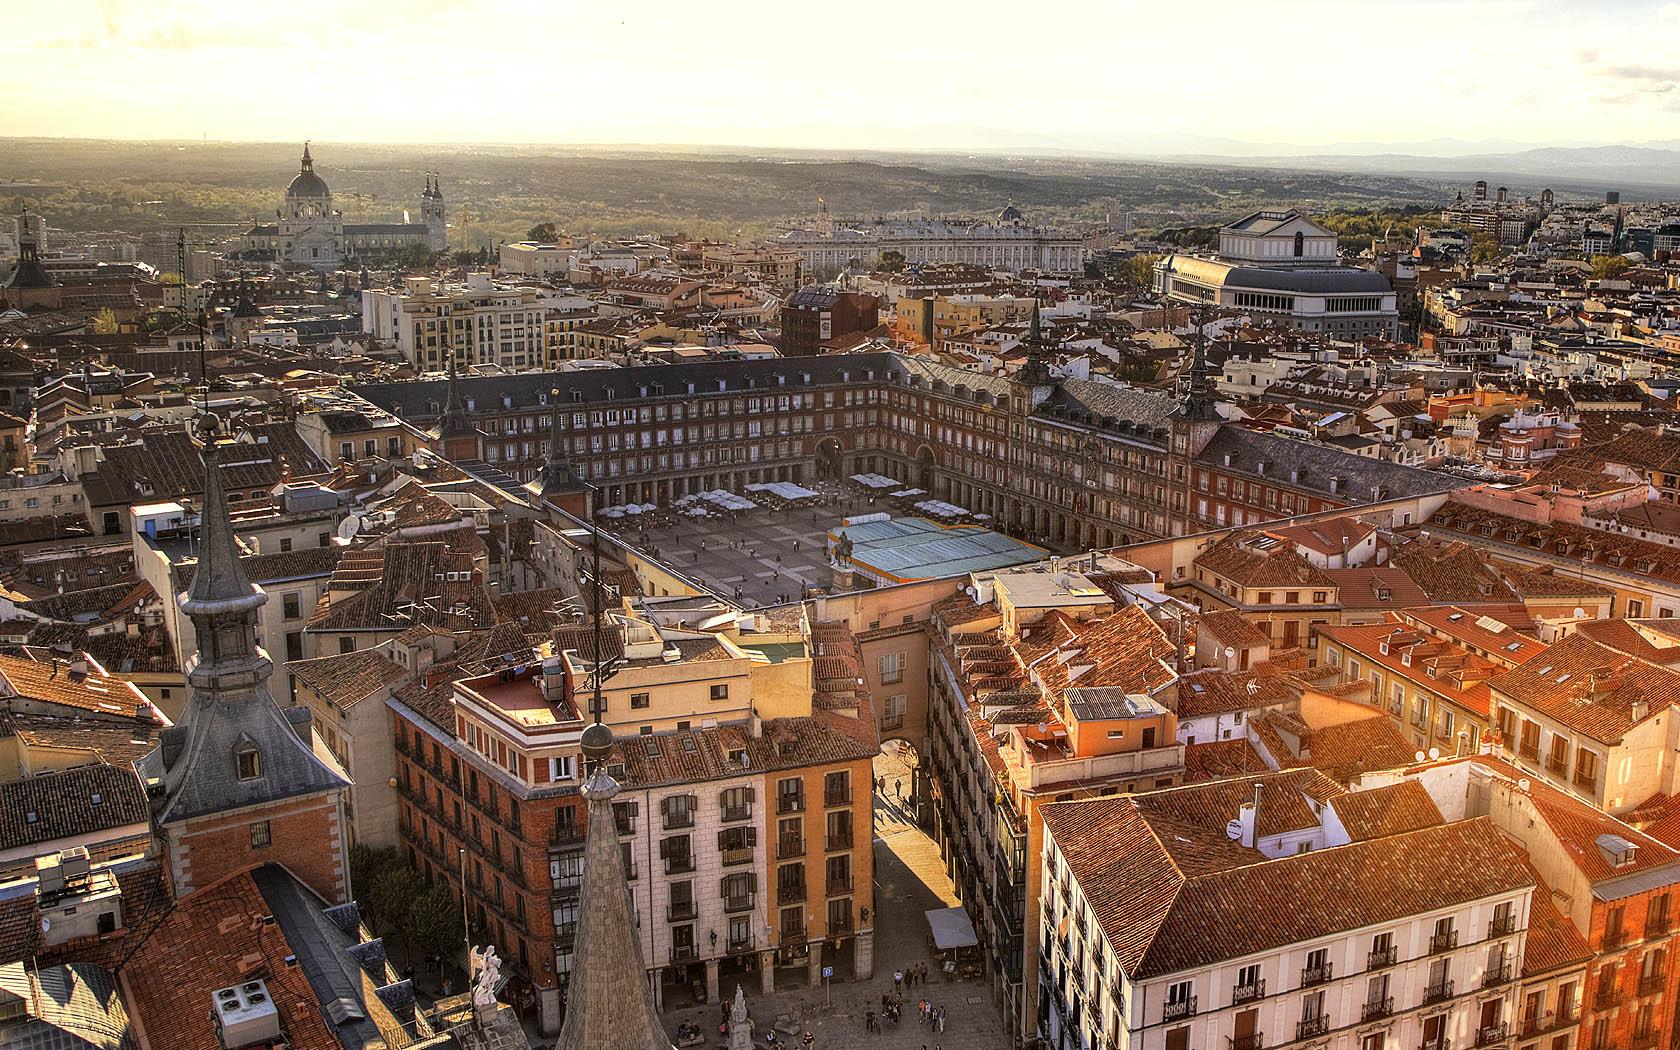 Doświadczenie Erasmus w Madrycie, Hiszpania według Fatmy